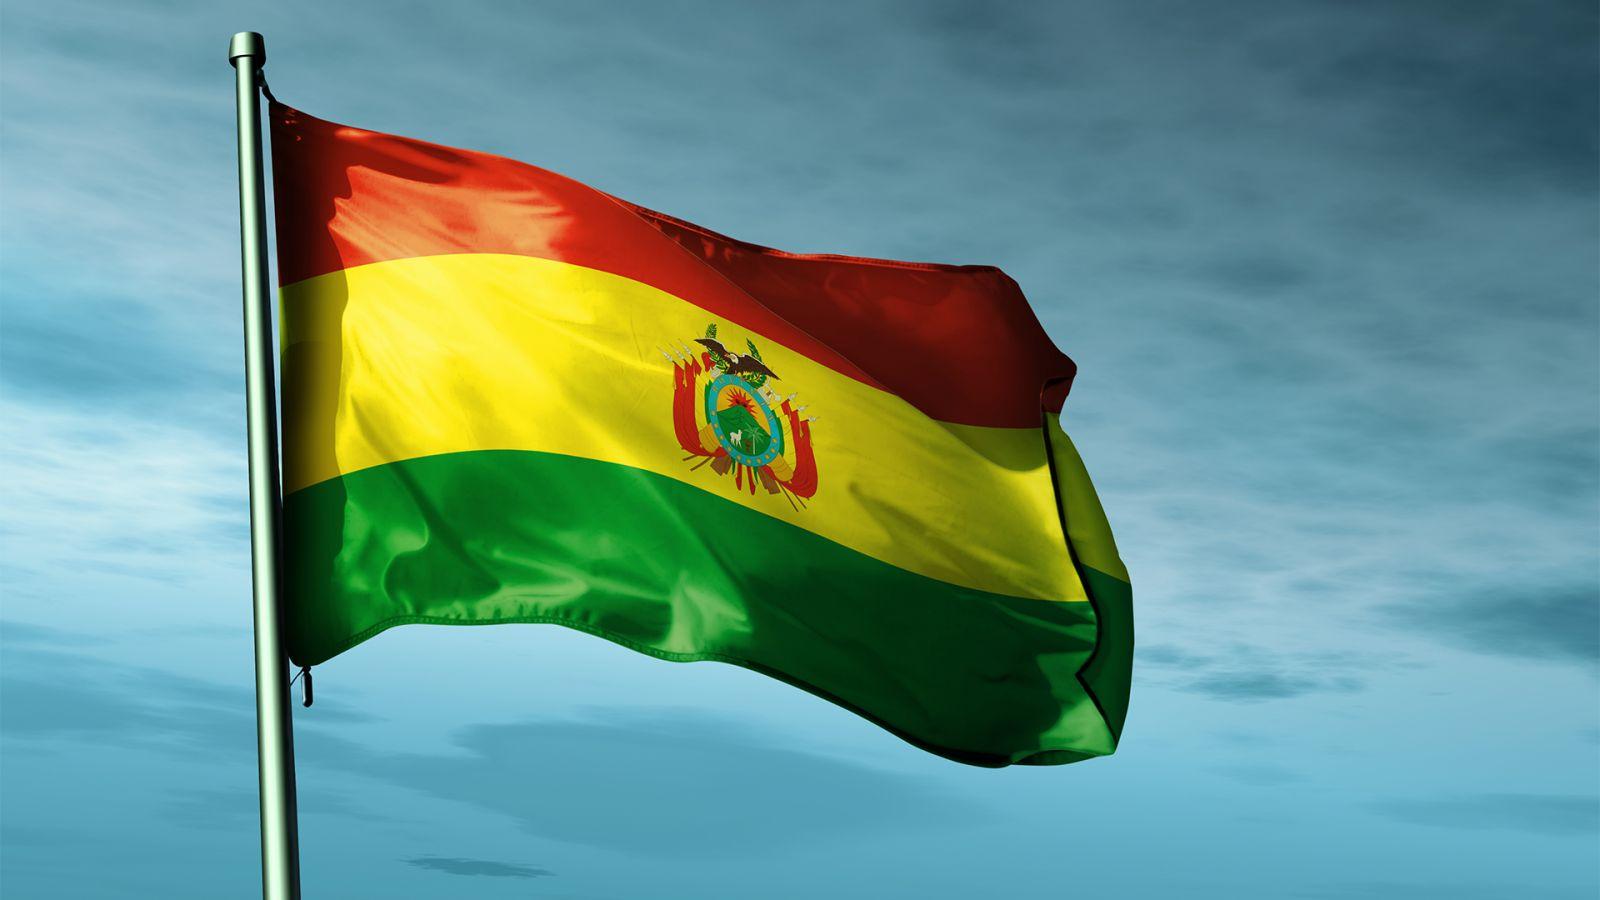 Denuncian en Bolivia complot internacional contra el S� en referendo